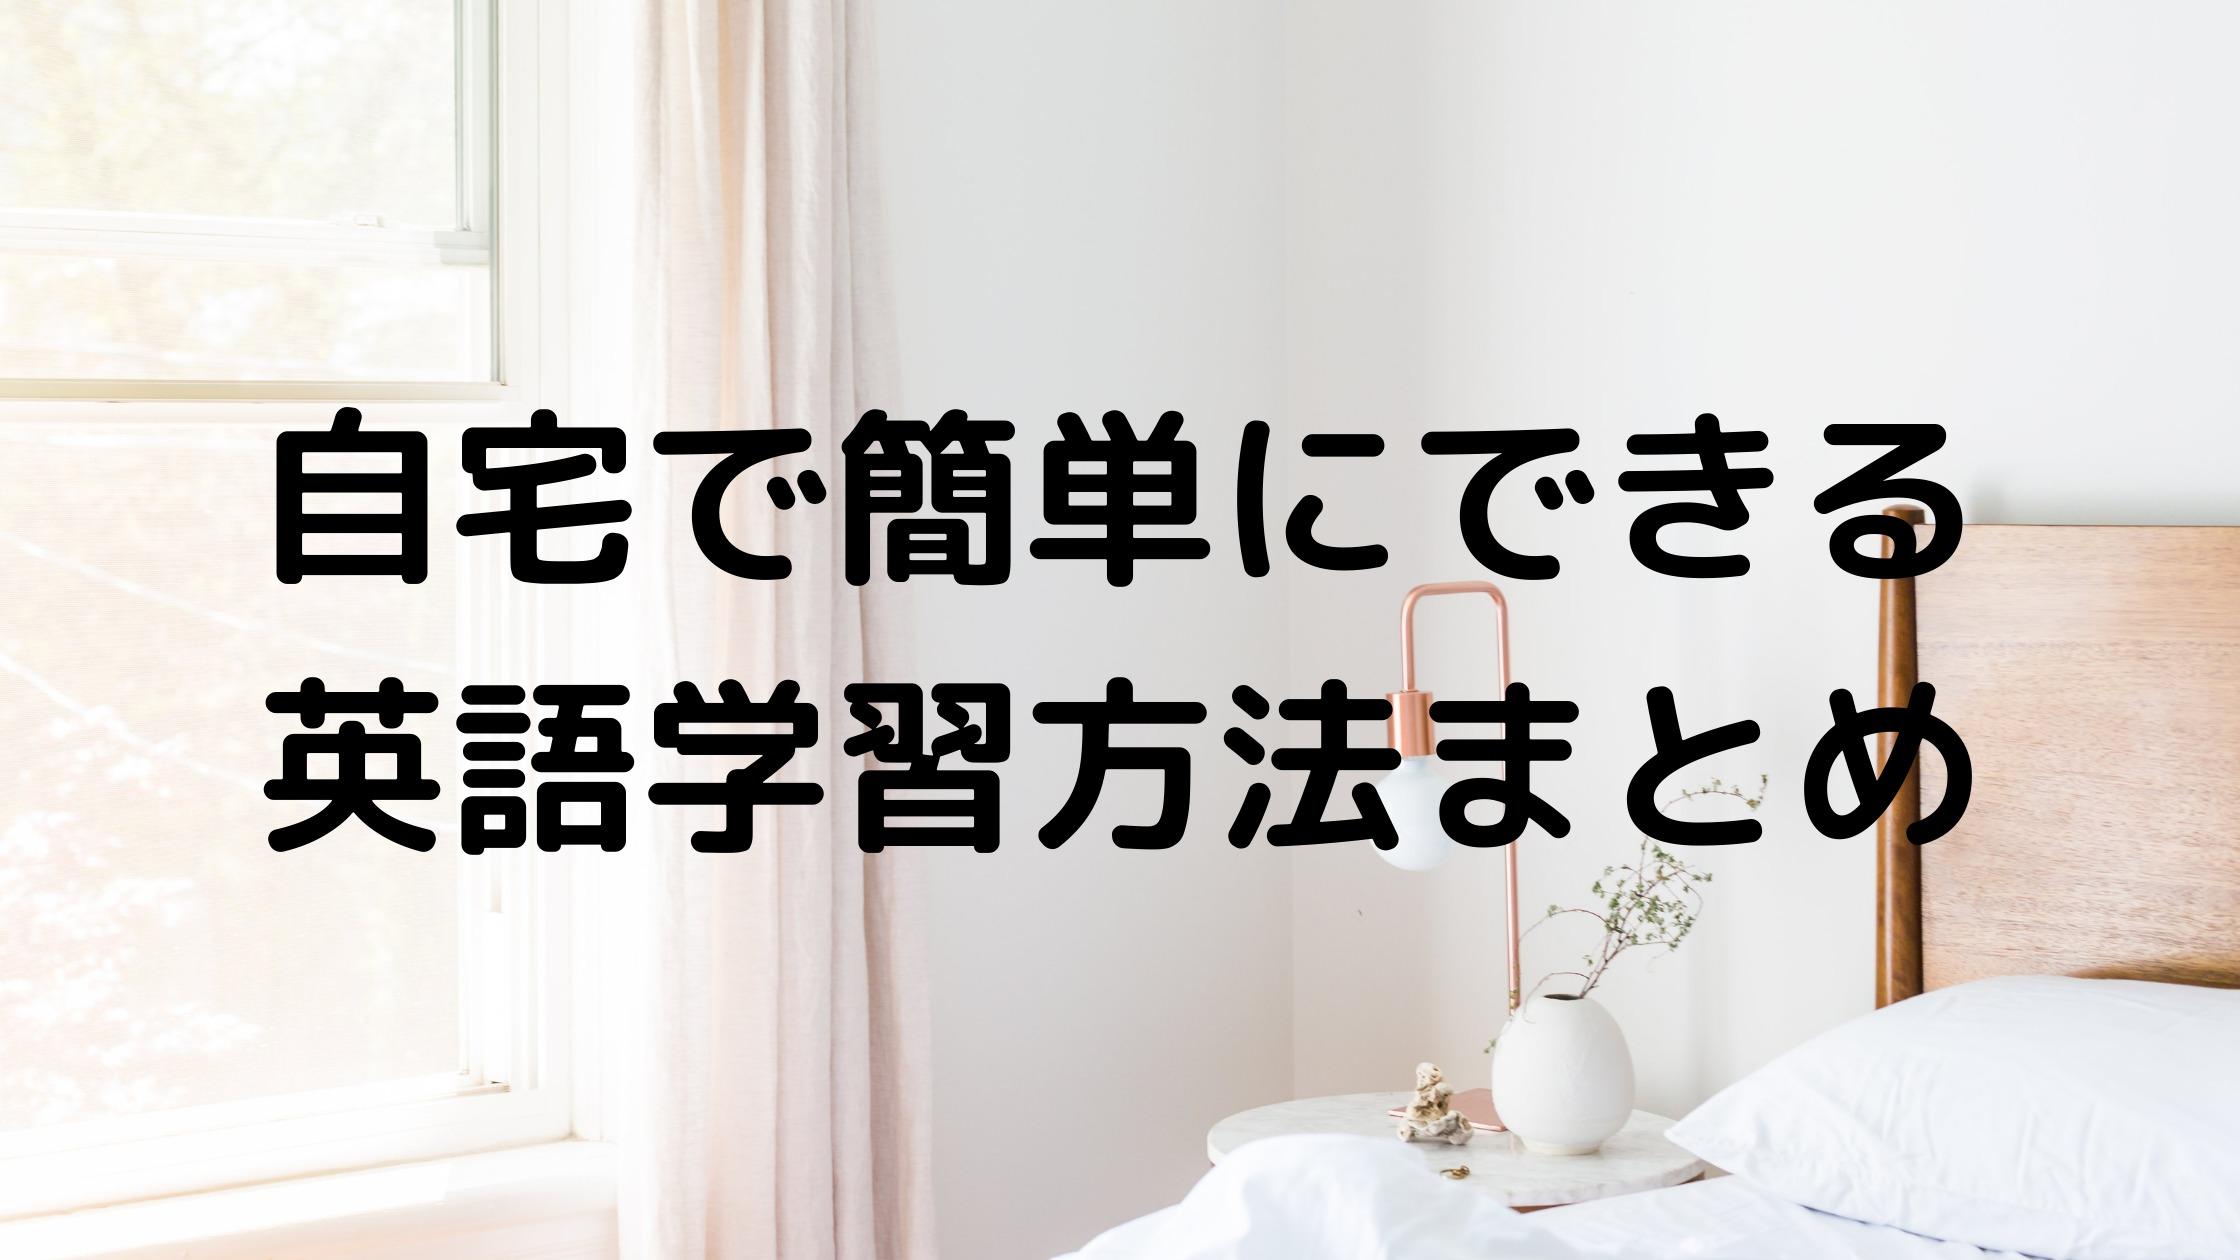 自宅でできる英語学習の写真